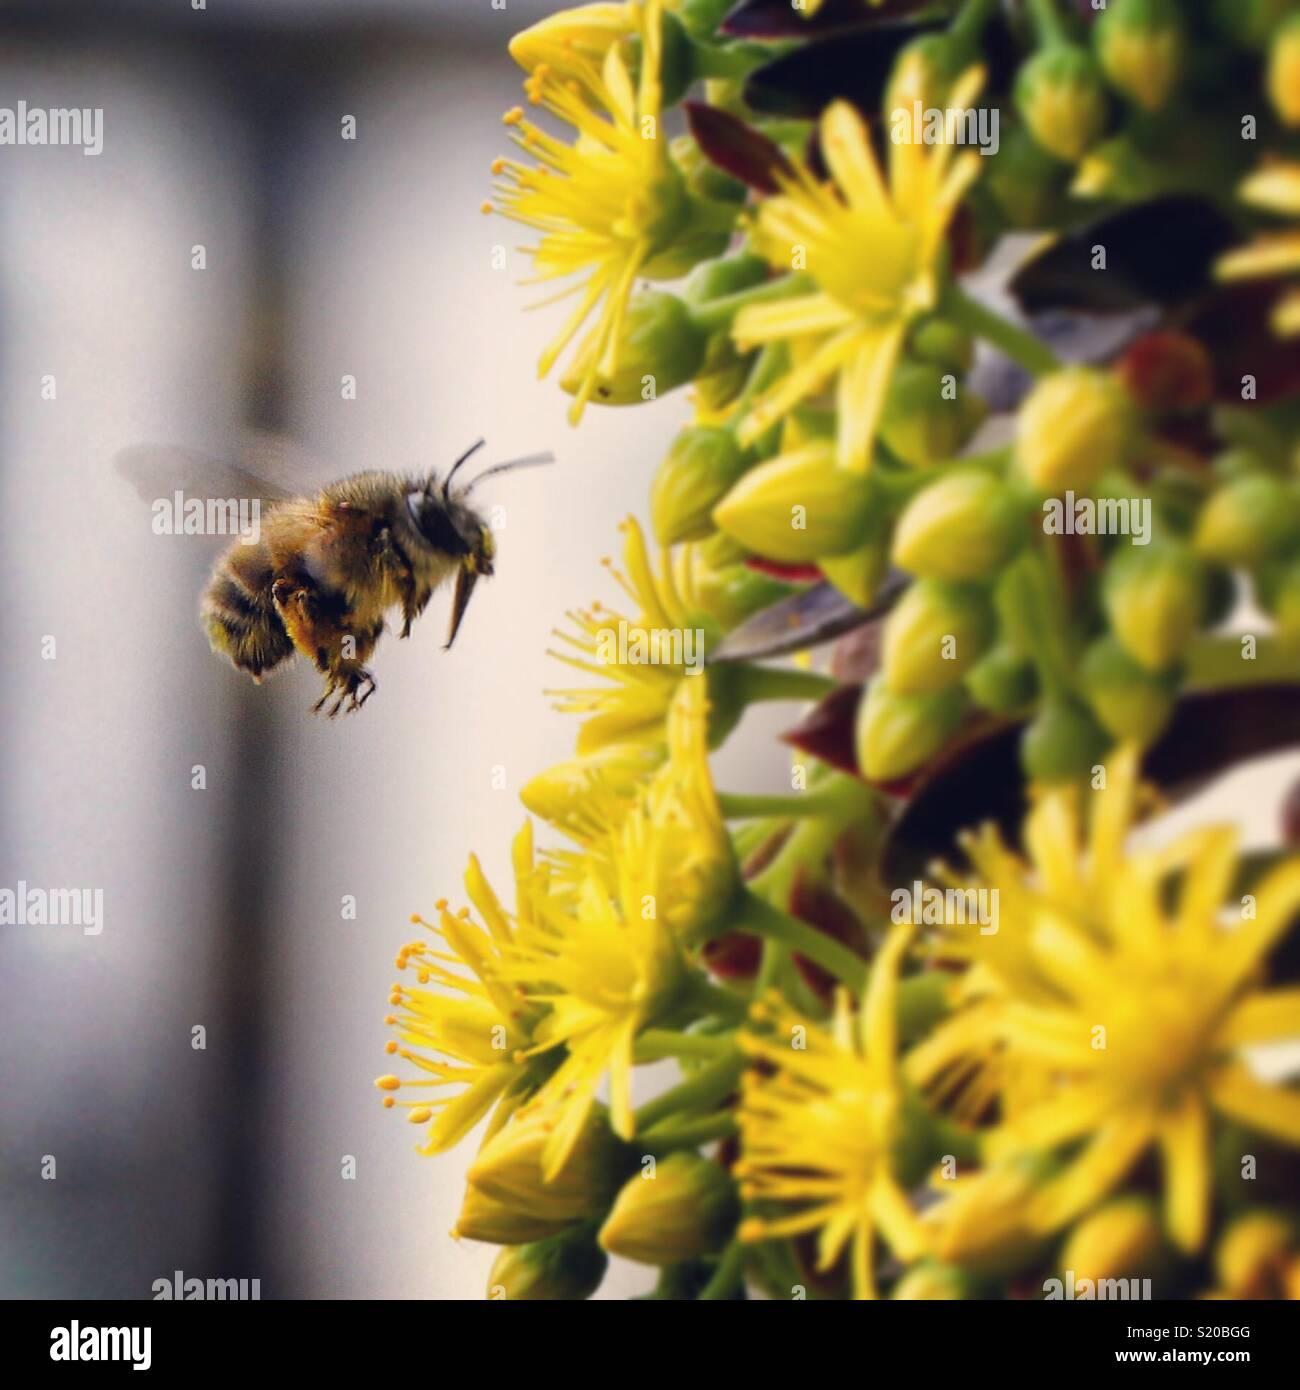 Cerca de abeja polinizando una flor amarilla Imagen De Stock